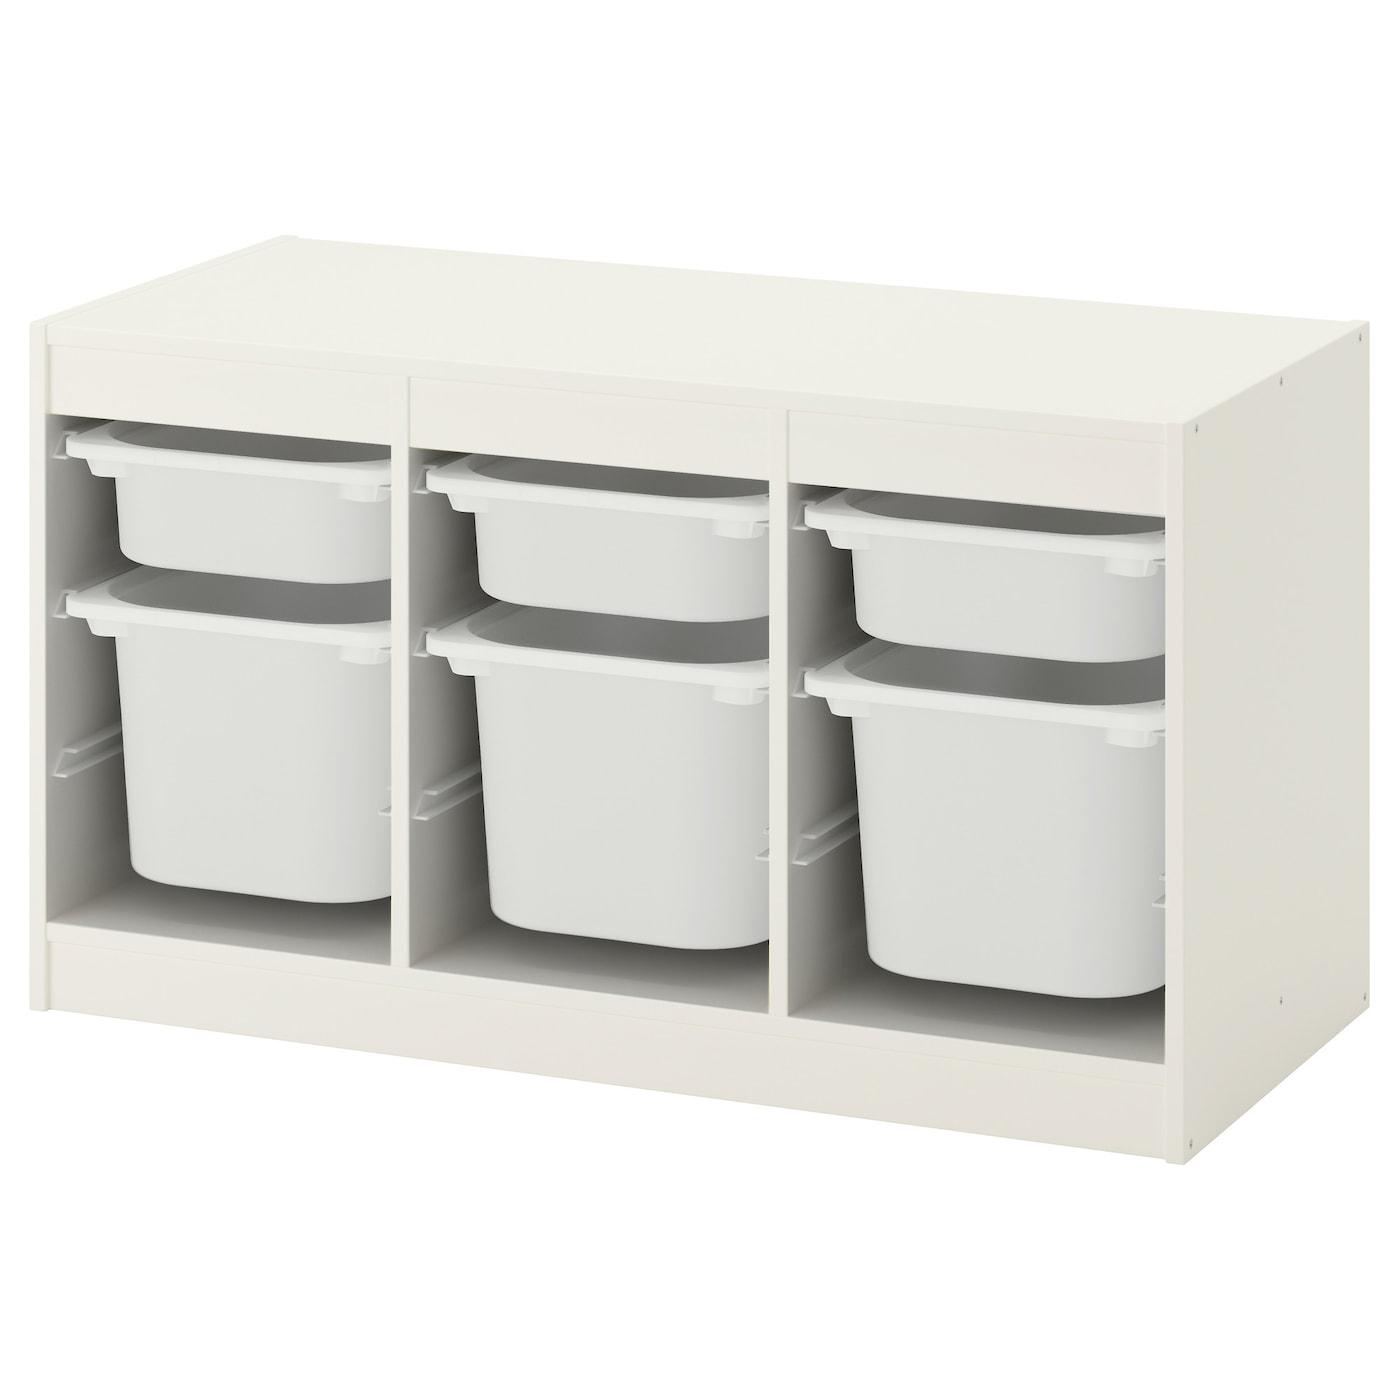 TROFAST Aufbewahrung mit Boxen - weiß/weiß 99x44x56 cm